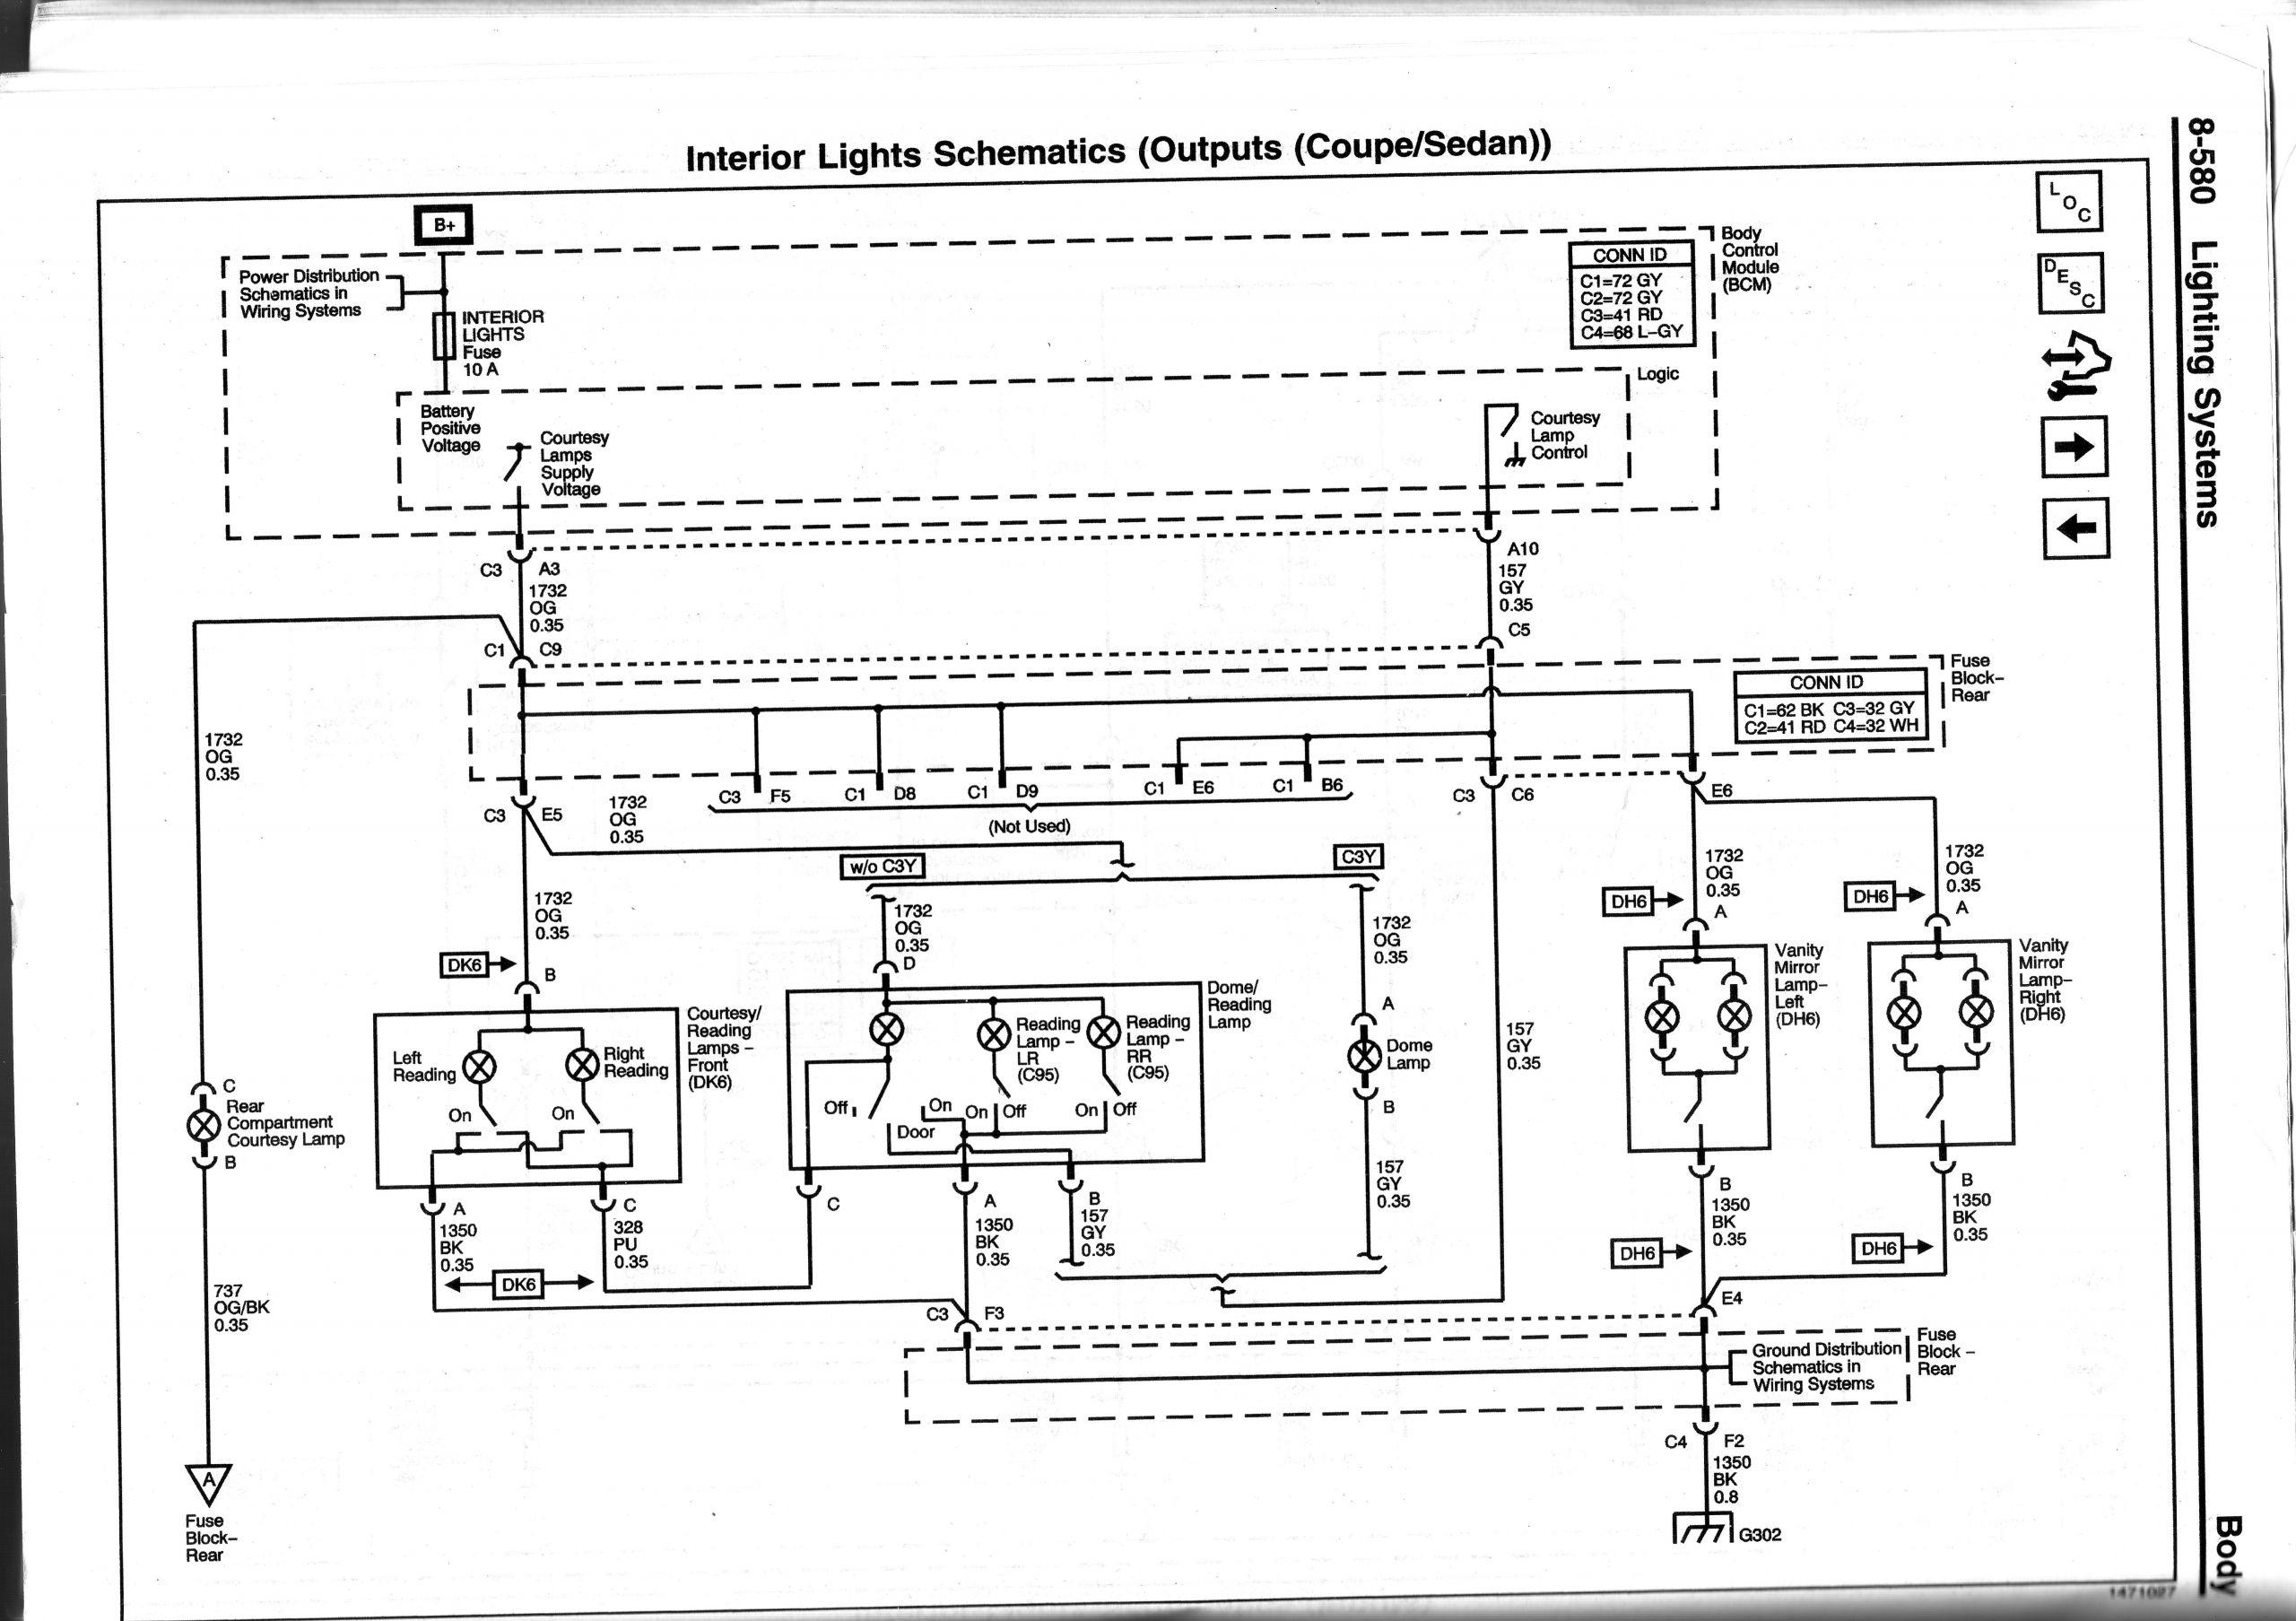 2006 Pontiac Grand Prix Gxp 5 Volt Wiring Schematic Starter Wiring Diagram 2006 Pontiac G6 I Have A 2007g6 4 Cylinder with Over Miles Of 2006 Pontiac Grand Prix Gxp 5 Volt Wiring Schematic